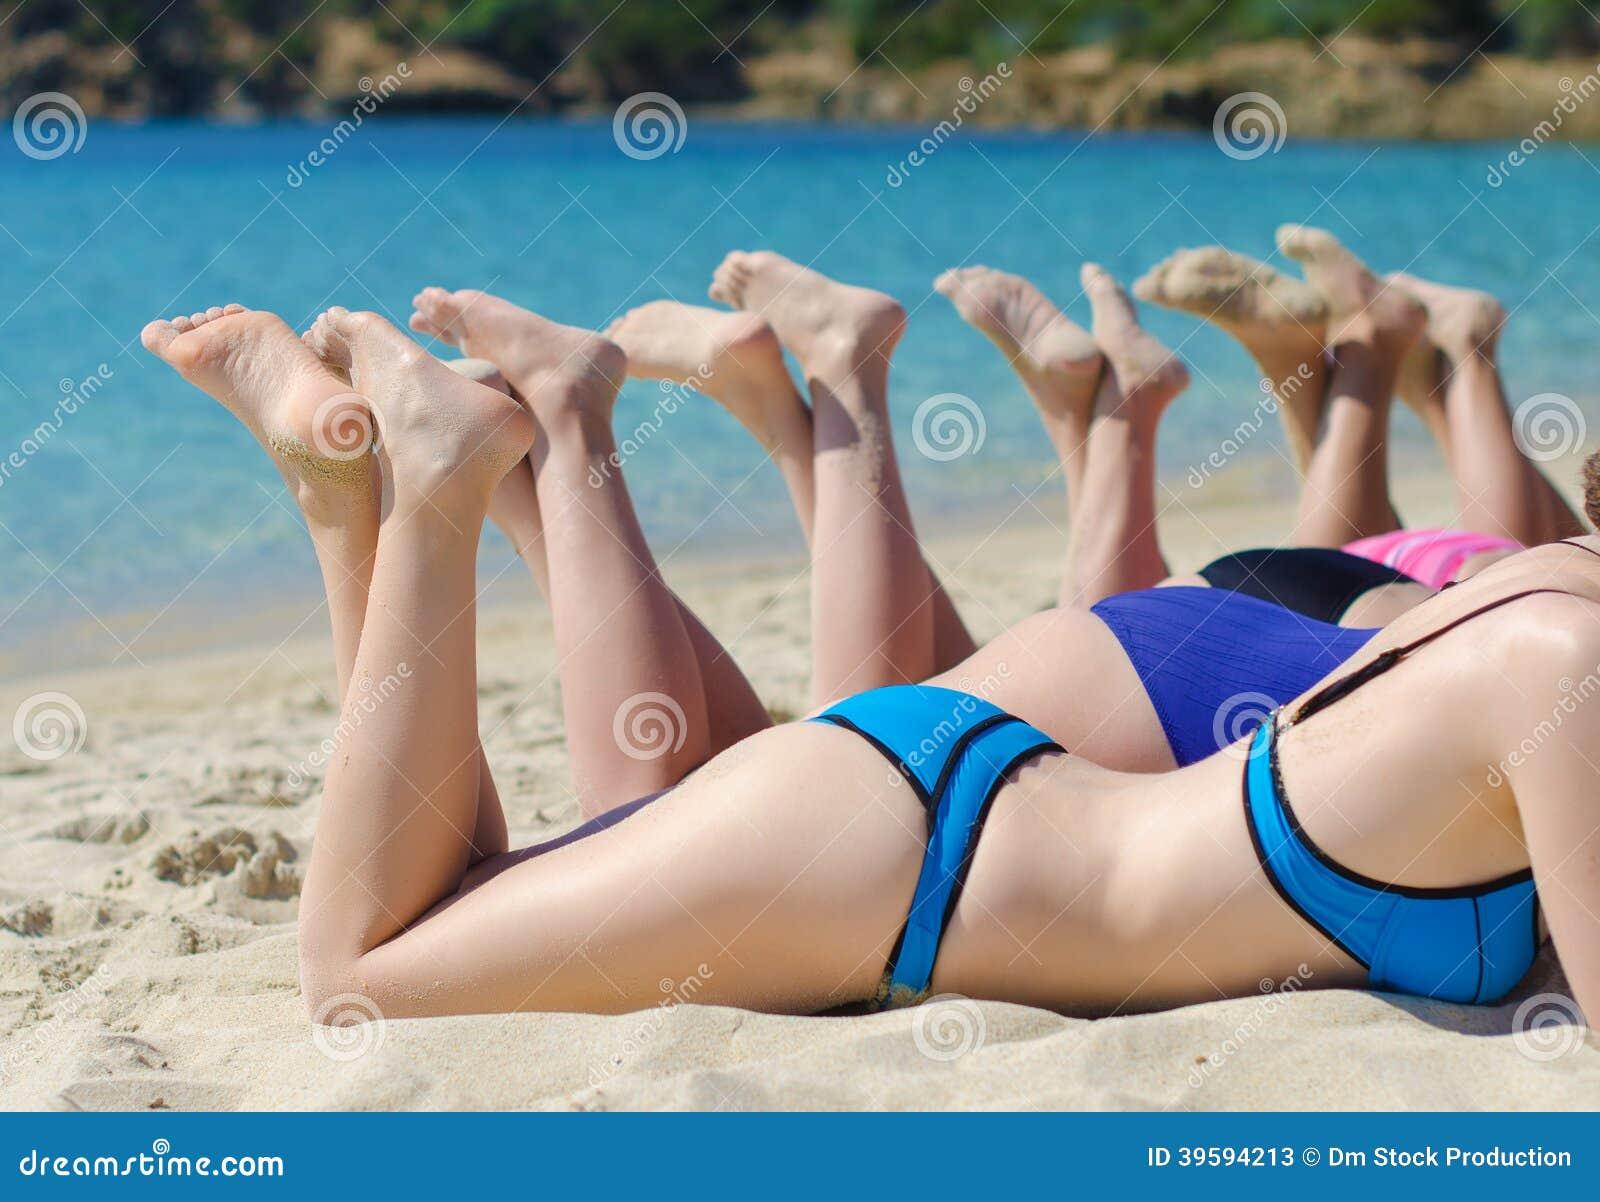 Смотреть раздевалку на пляже, Сборник скрытой камеры в женской раздевалке на пляже 27 фотография